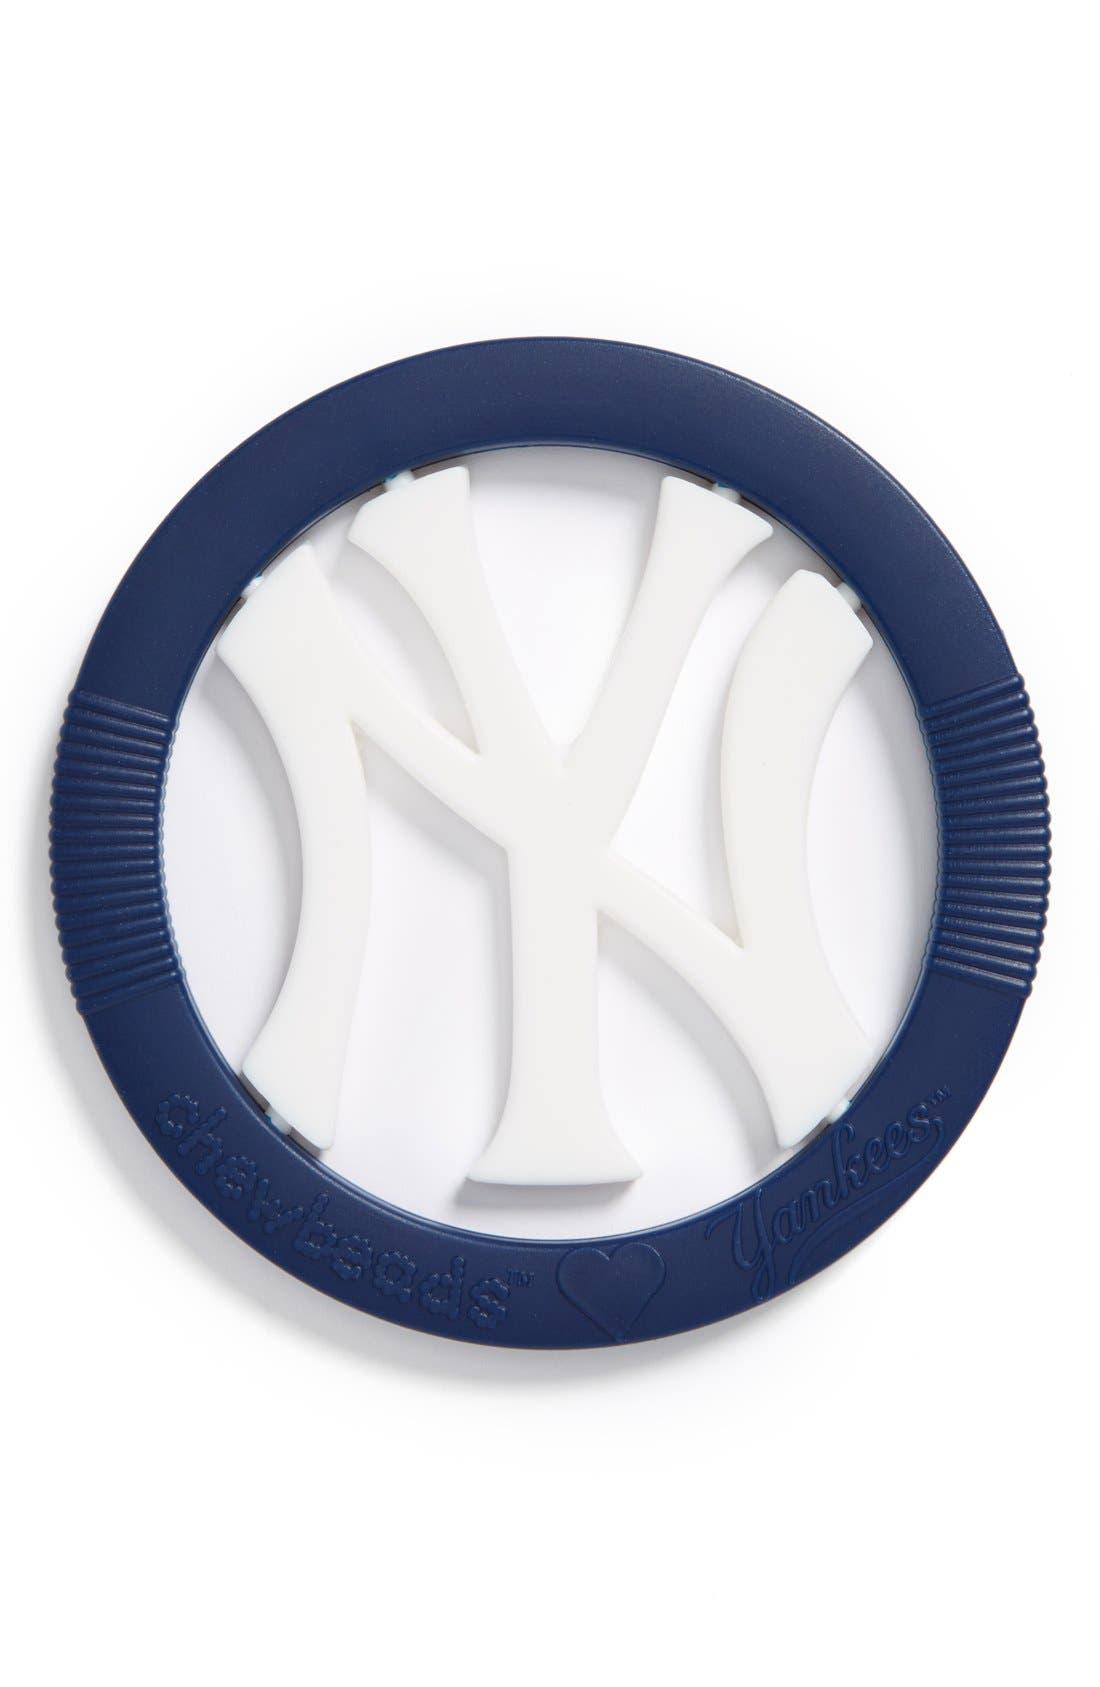 Main Image - Chewbeads 'New York Yankees - Gameday' Teether